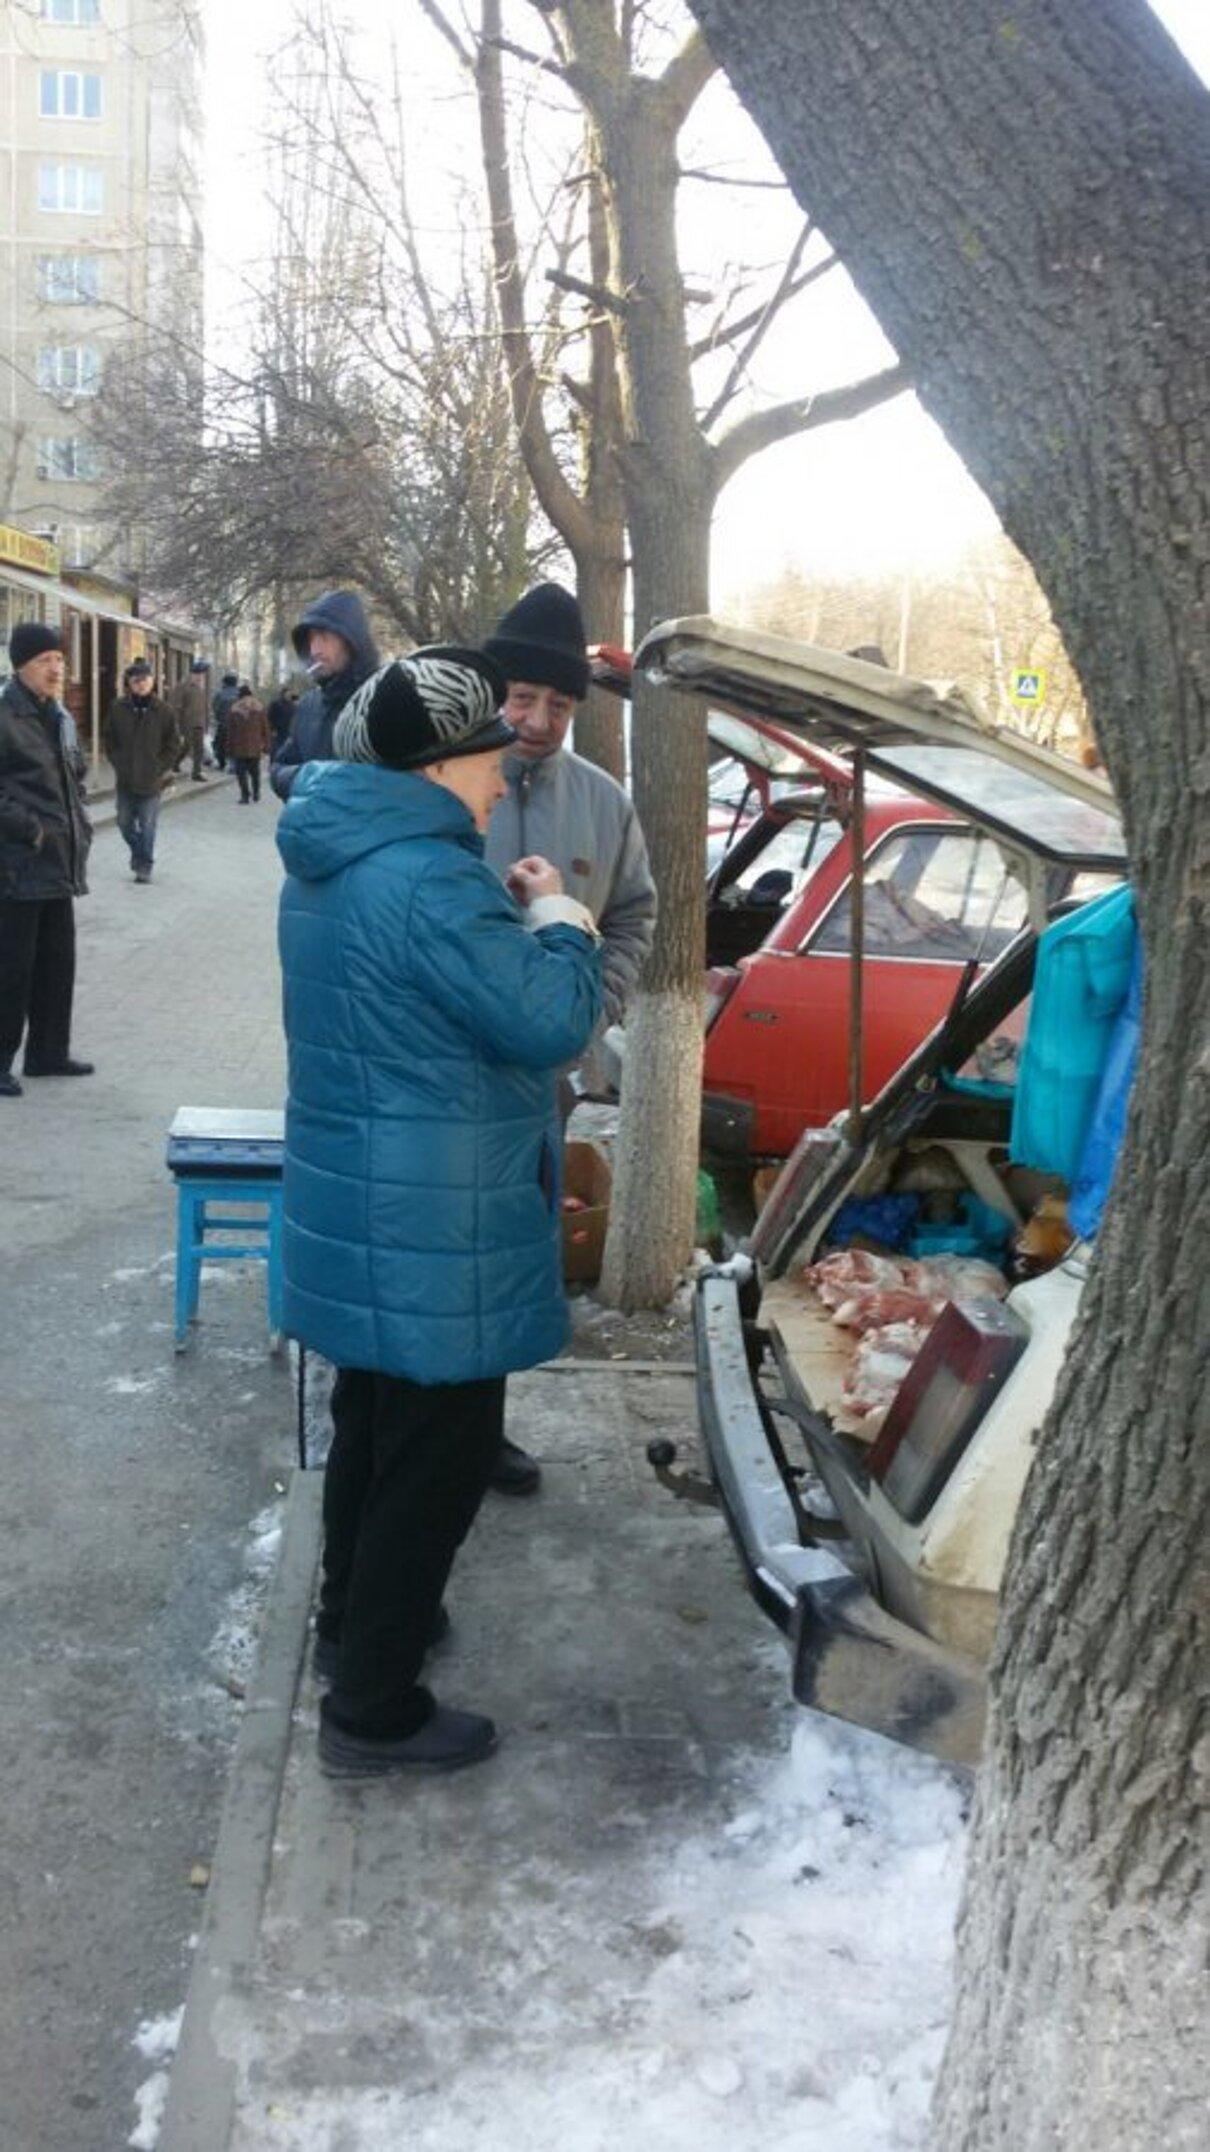 Жалоба-отзыв: Продавцы мяса на тротуарах и вдоль дорог - Беспредел в г.Волгодонске.  Фото №1